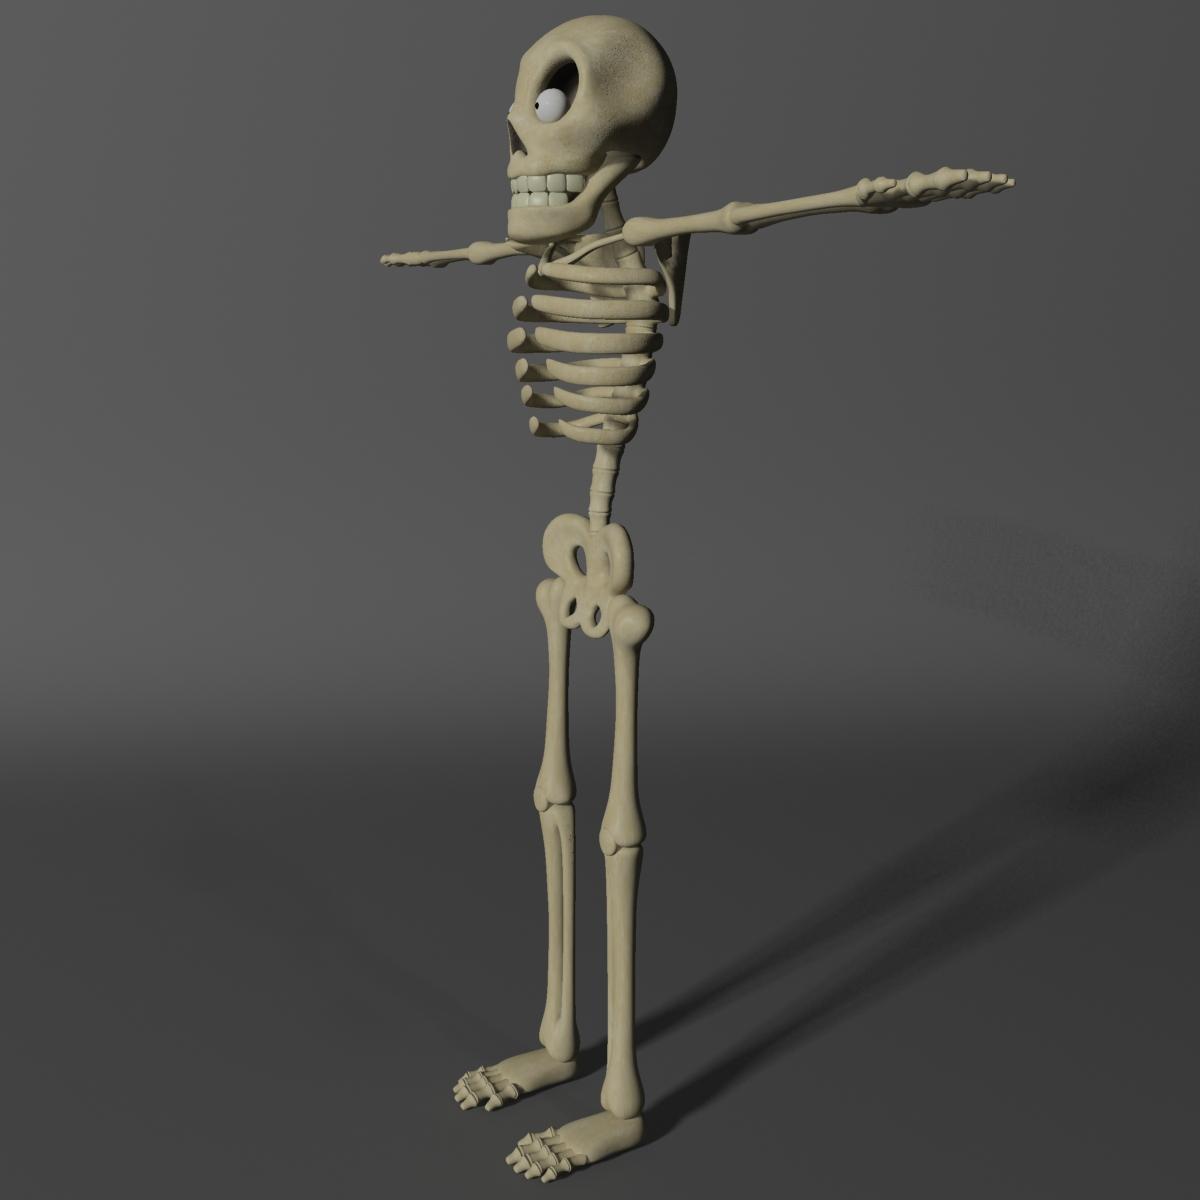 karikatūra skelets rigged 3d modelis 3ds max fbx obj 215122